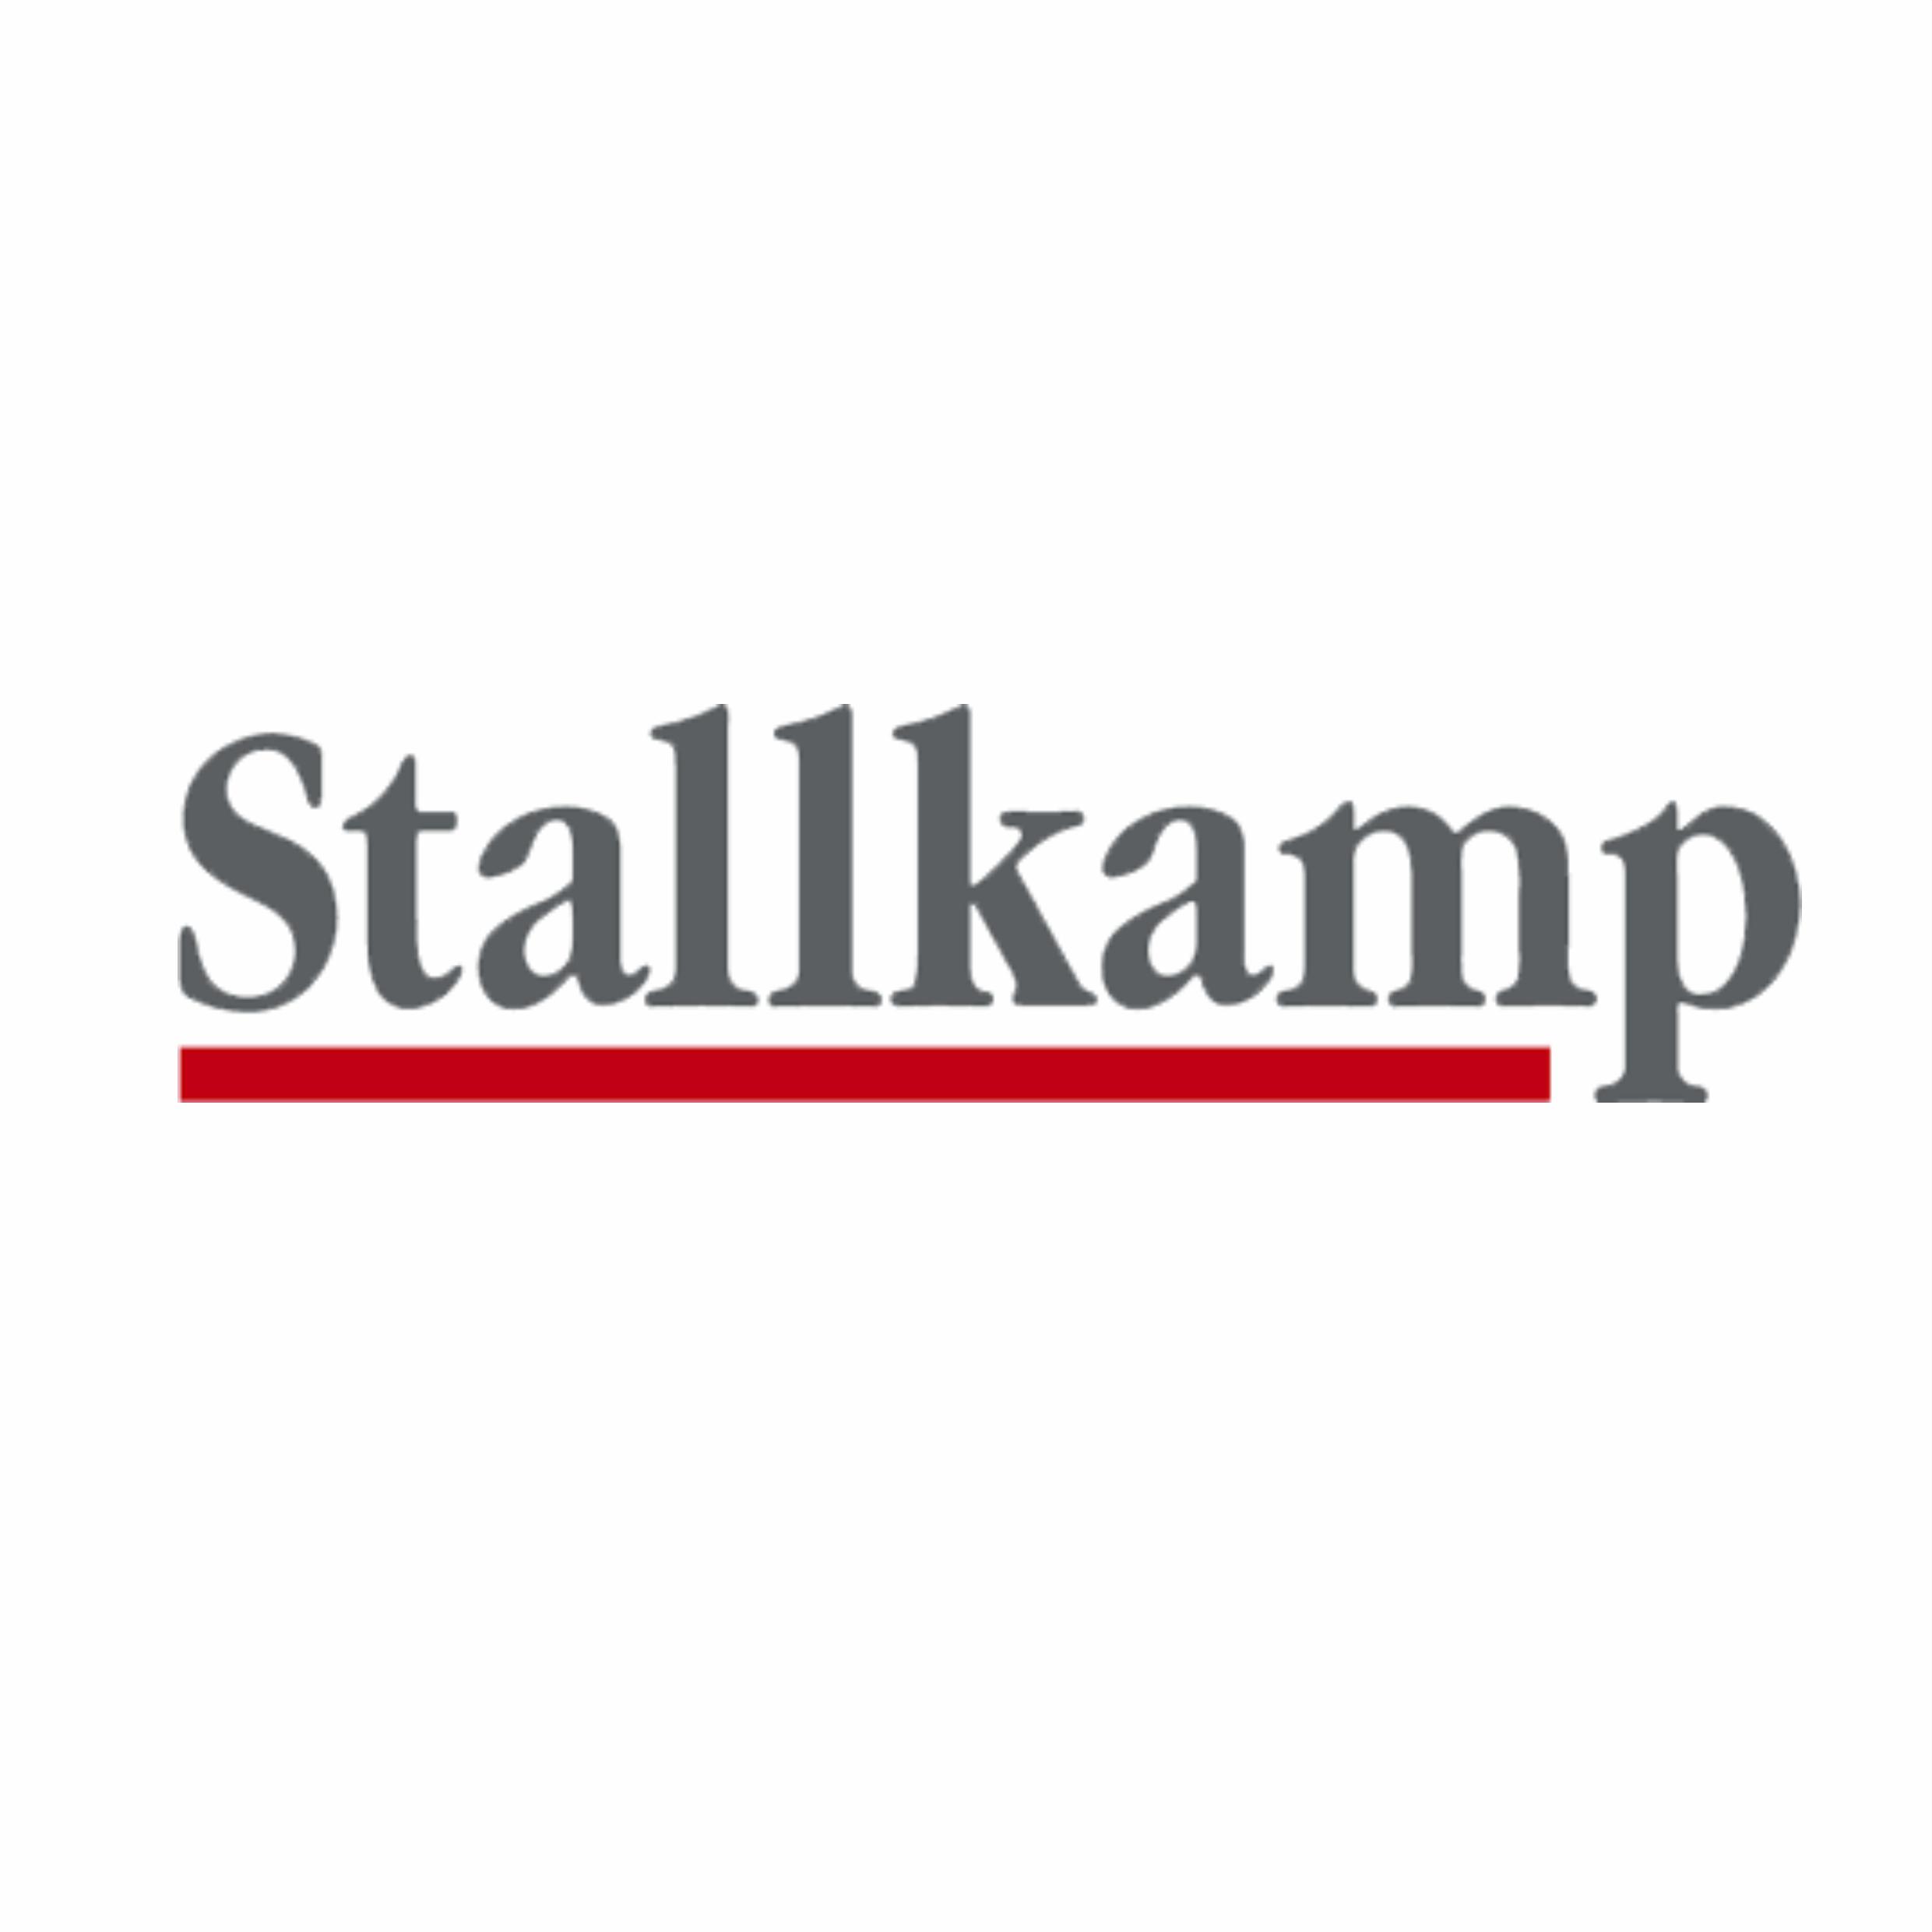 Stallkamp